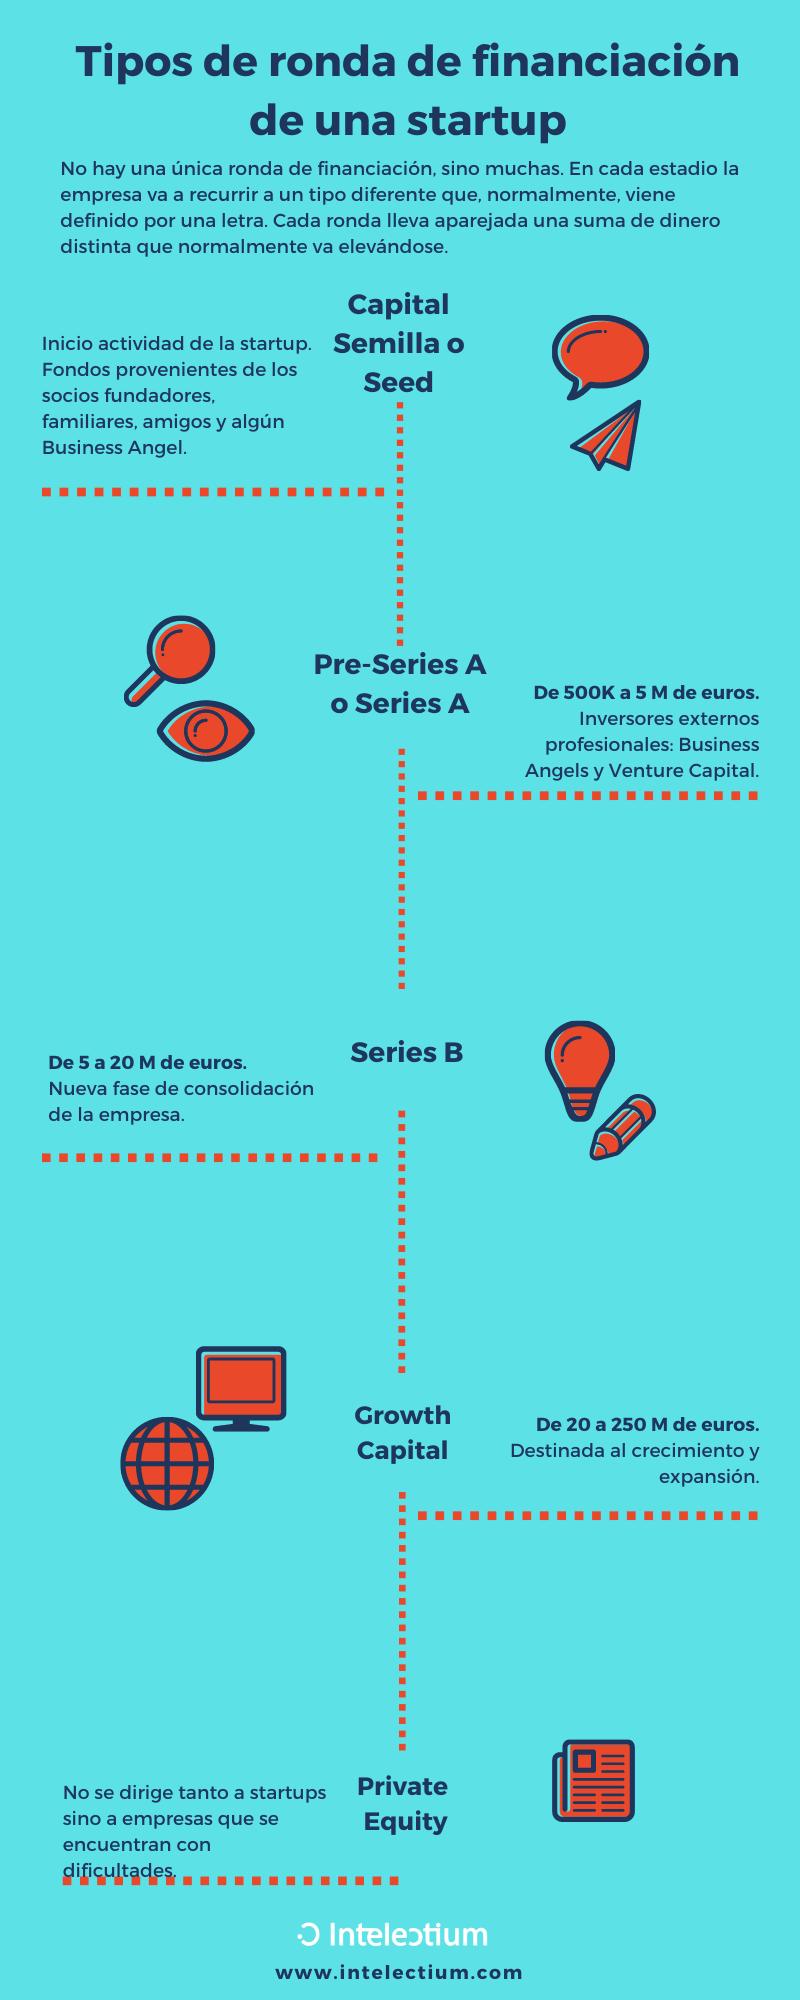 Tipologías de rondas de financiación de startups